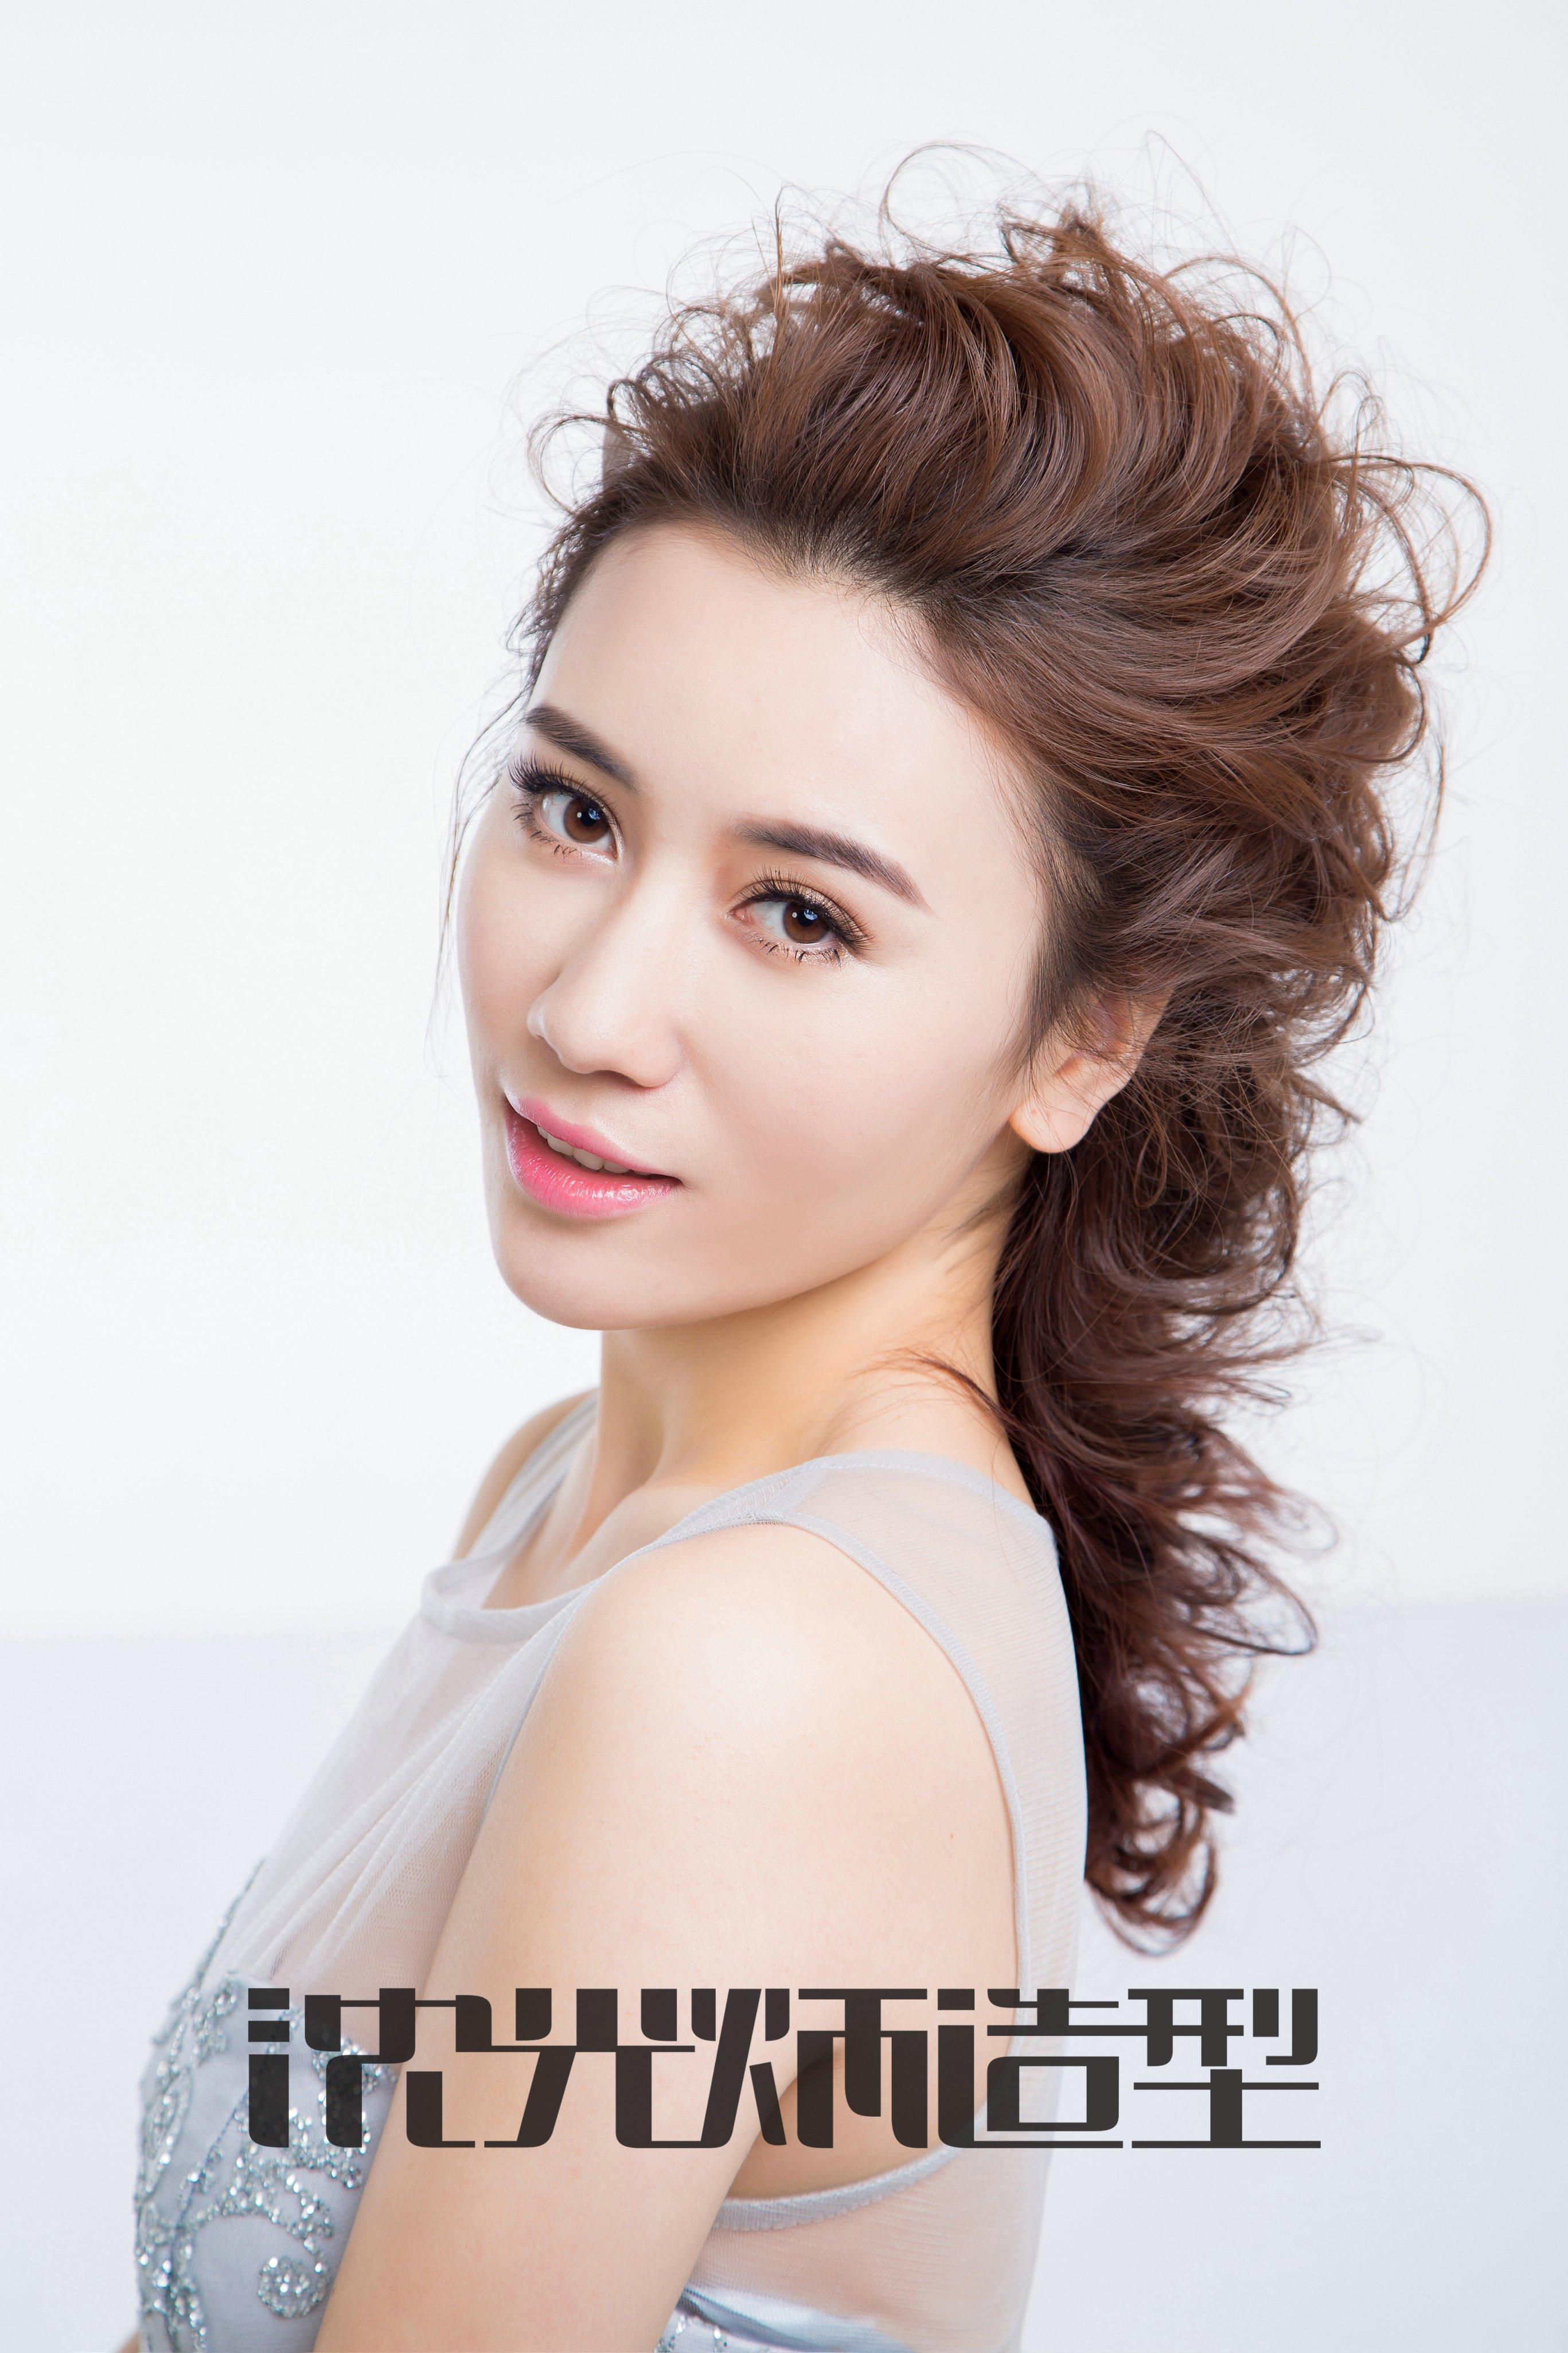 沈光炳造型2018年流行韩式优雅简约新娘扎发盘发图片